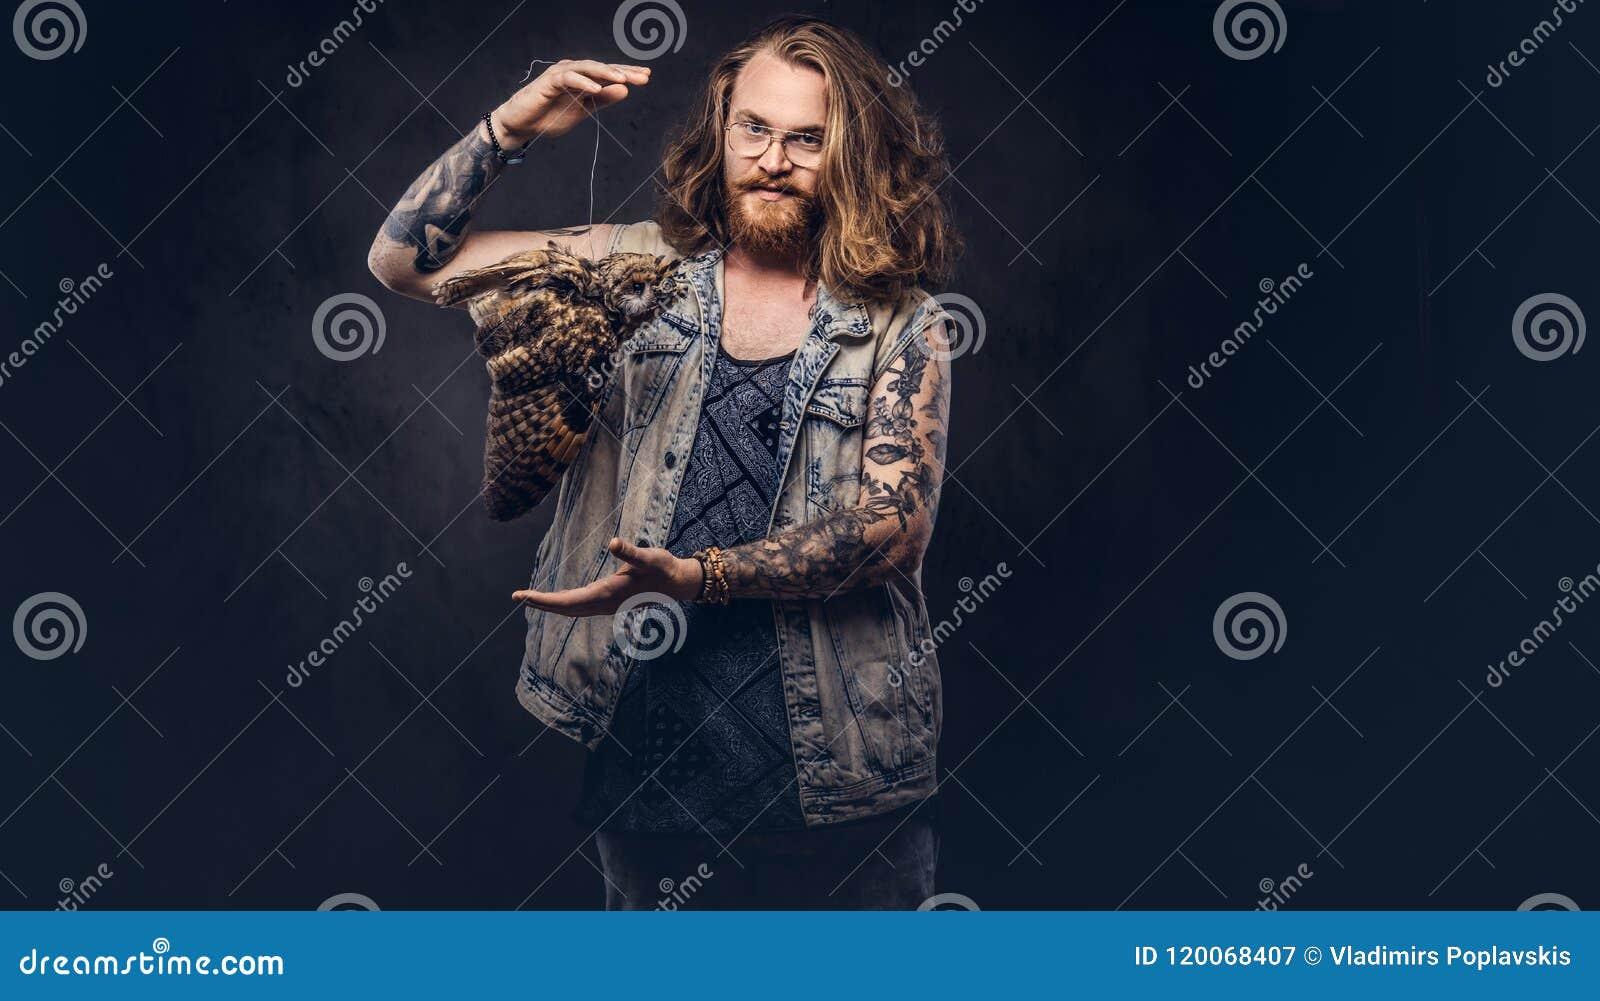 Ritratto di un maschio tattoed dei pantaloni a vita bassa della testarossa con capelli lussureggianti lunghi e della barba folta